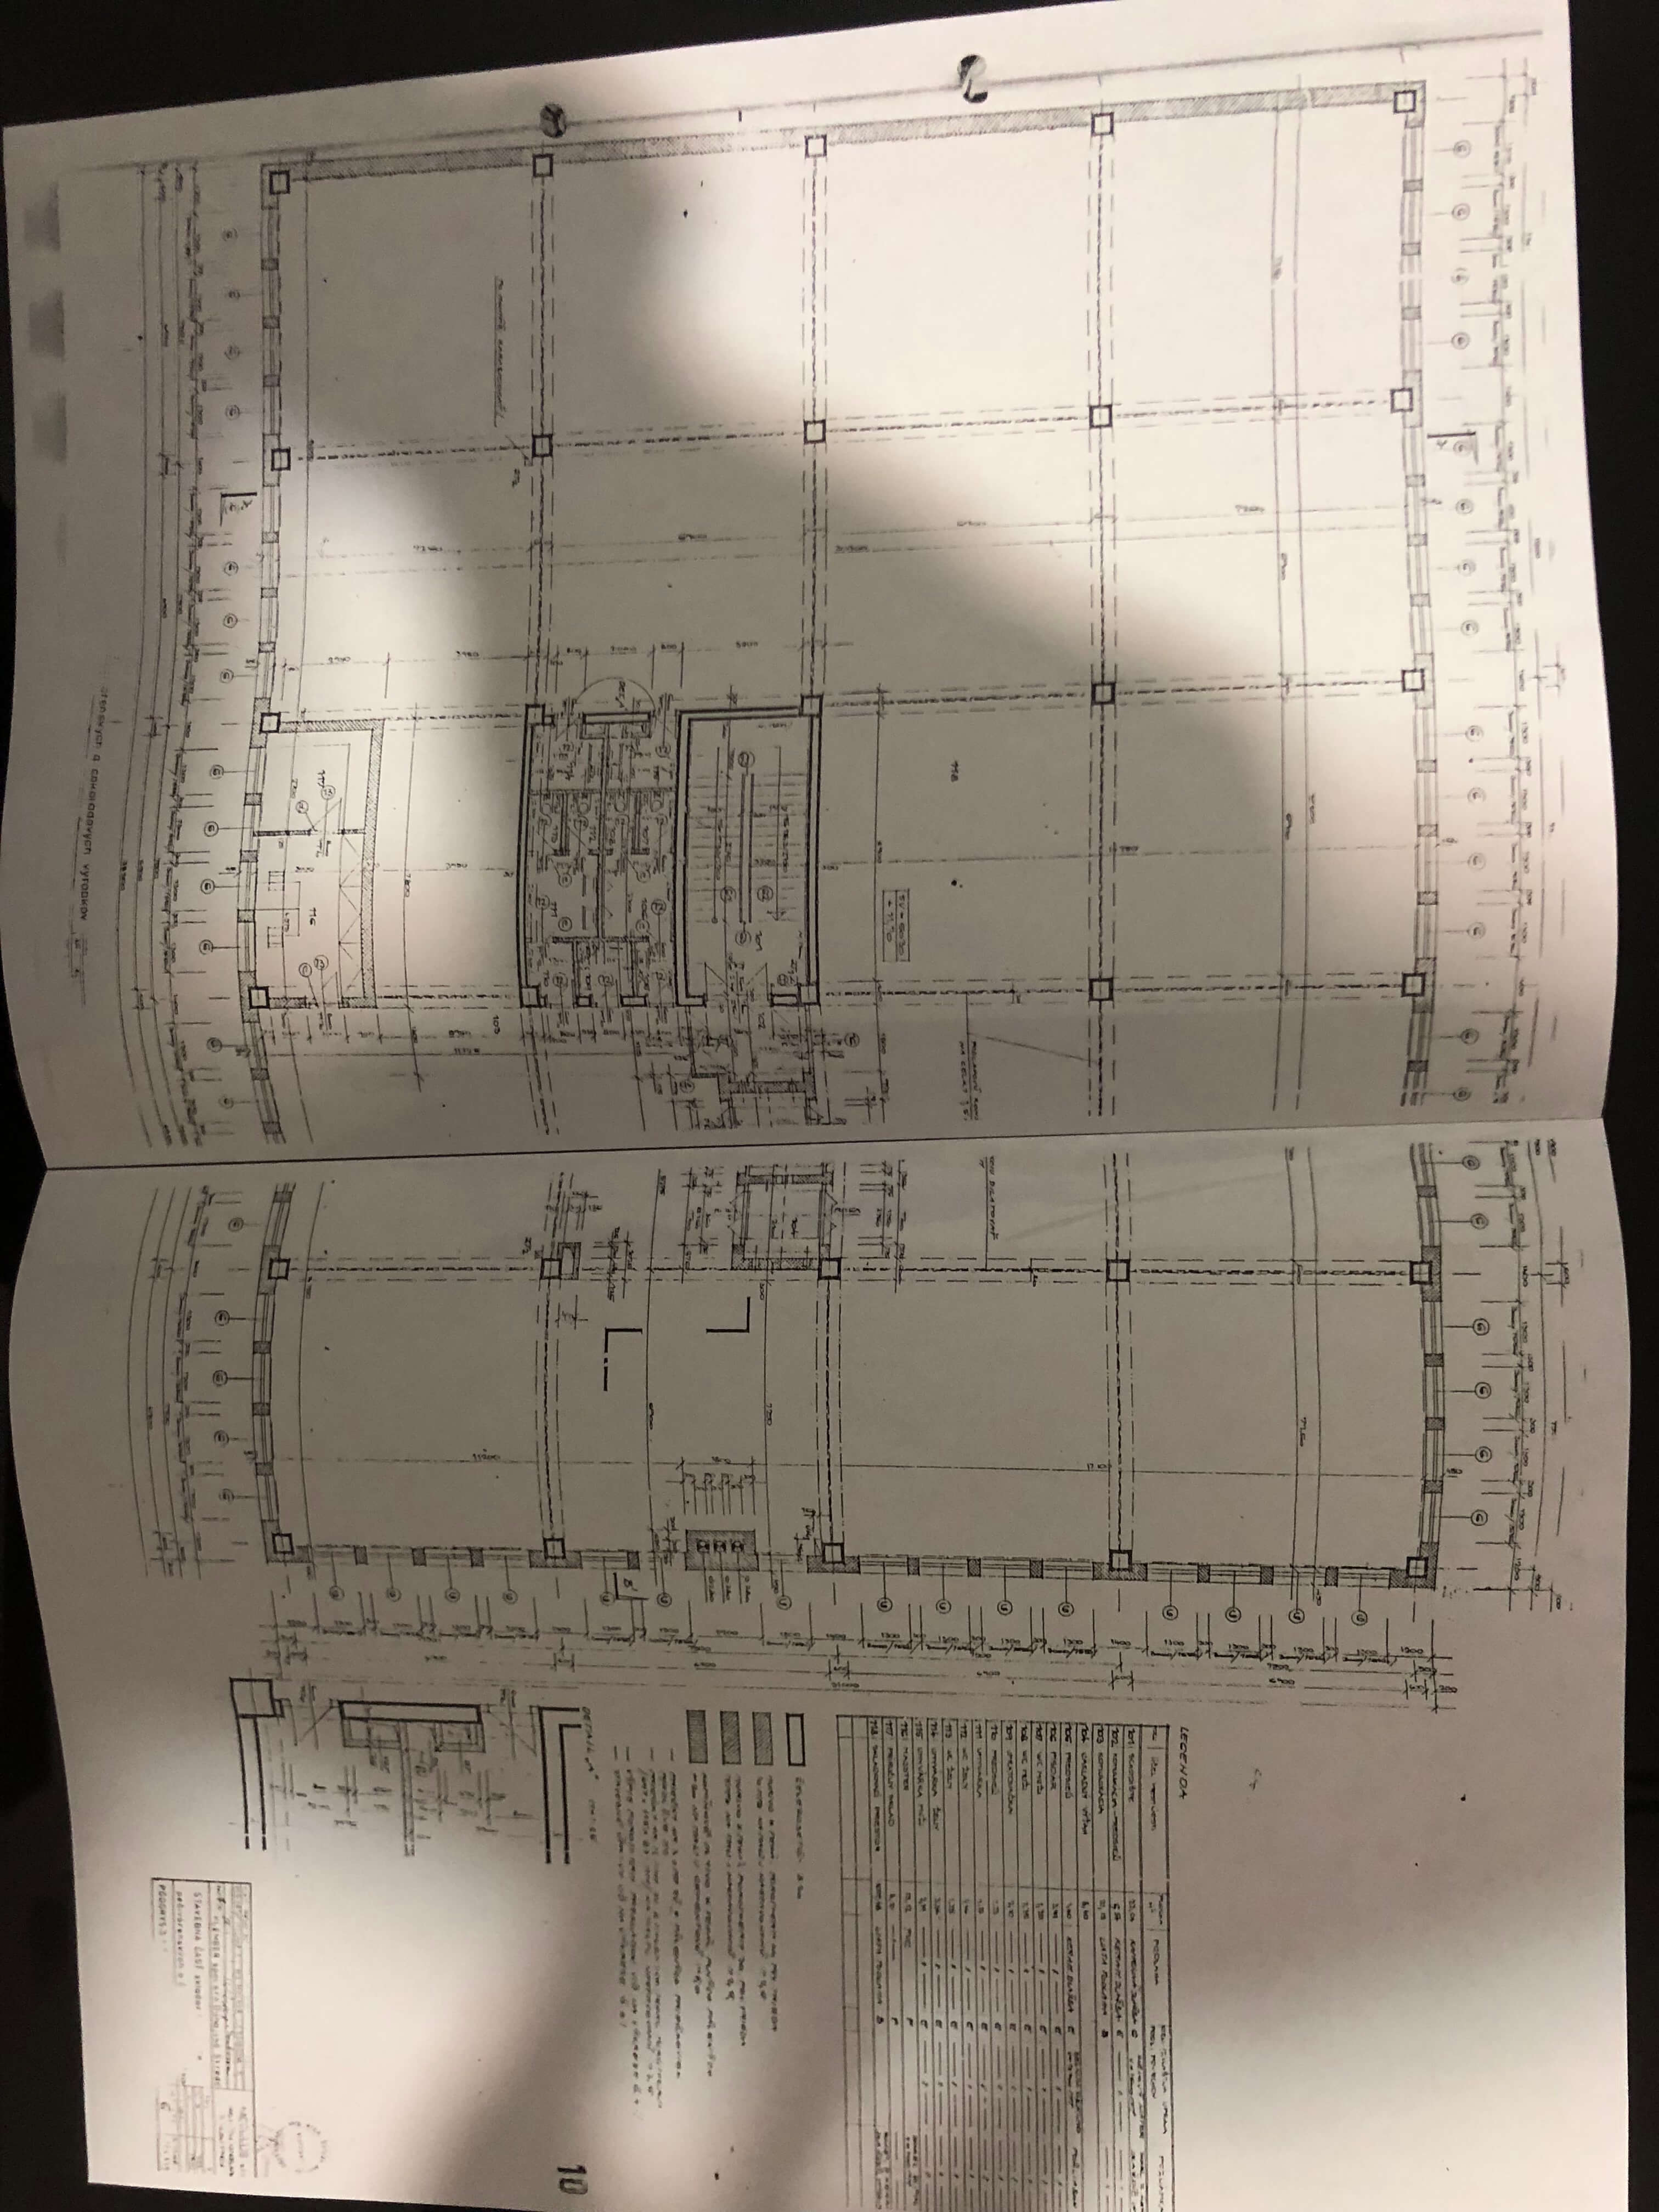 Na prenájom Budova skladov a výrobne v Dunajskej Strede, Drevárska, pozemok 2272m2, spolu 4 podlažia 4767m2-4